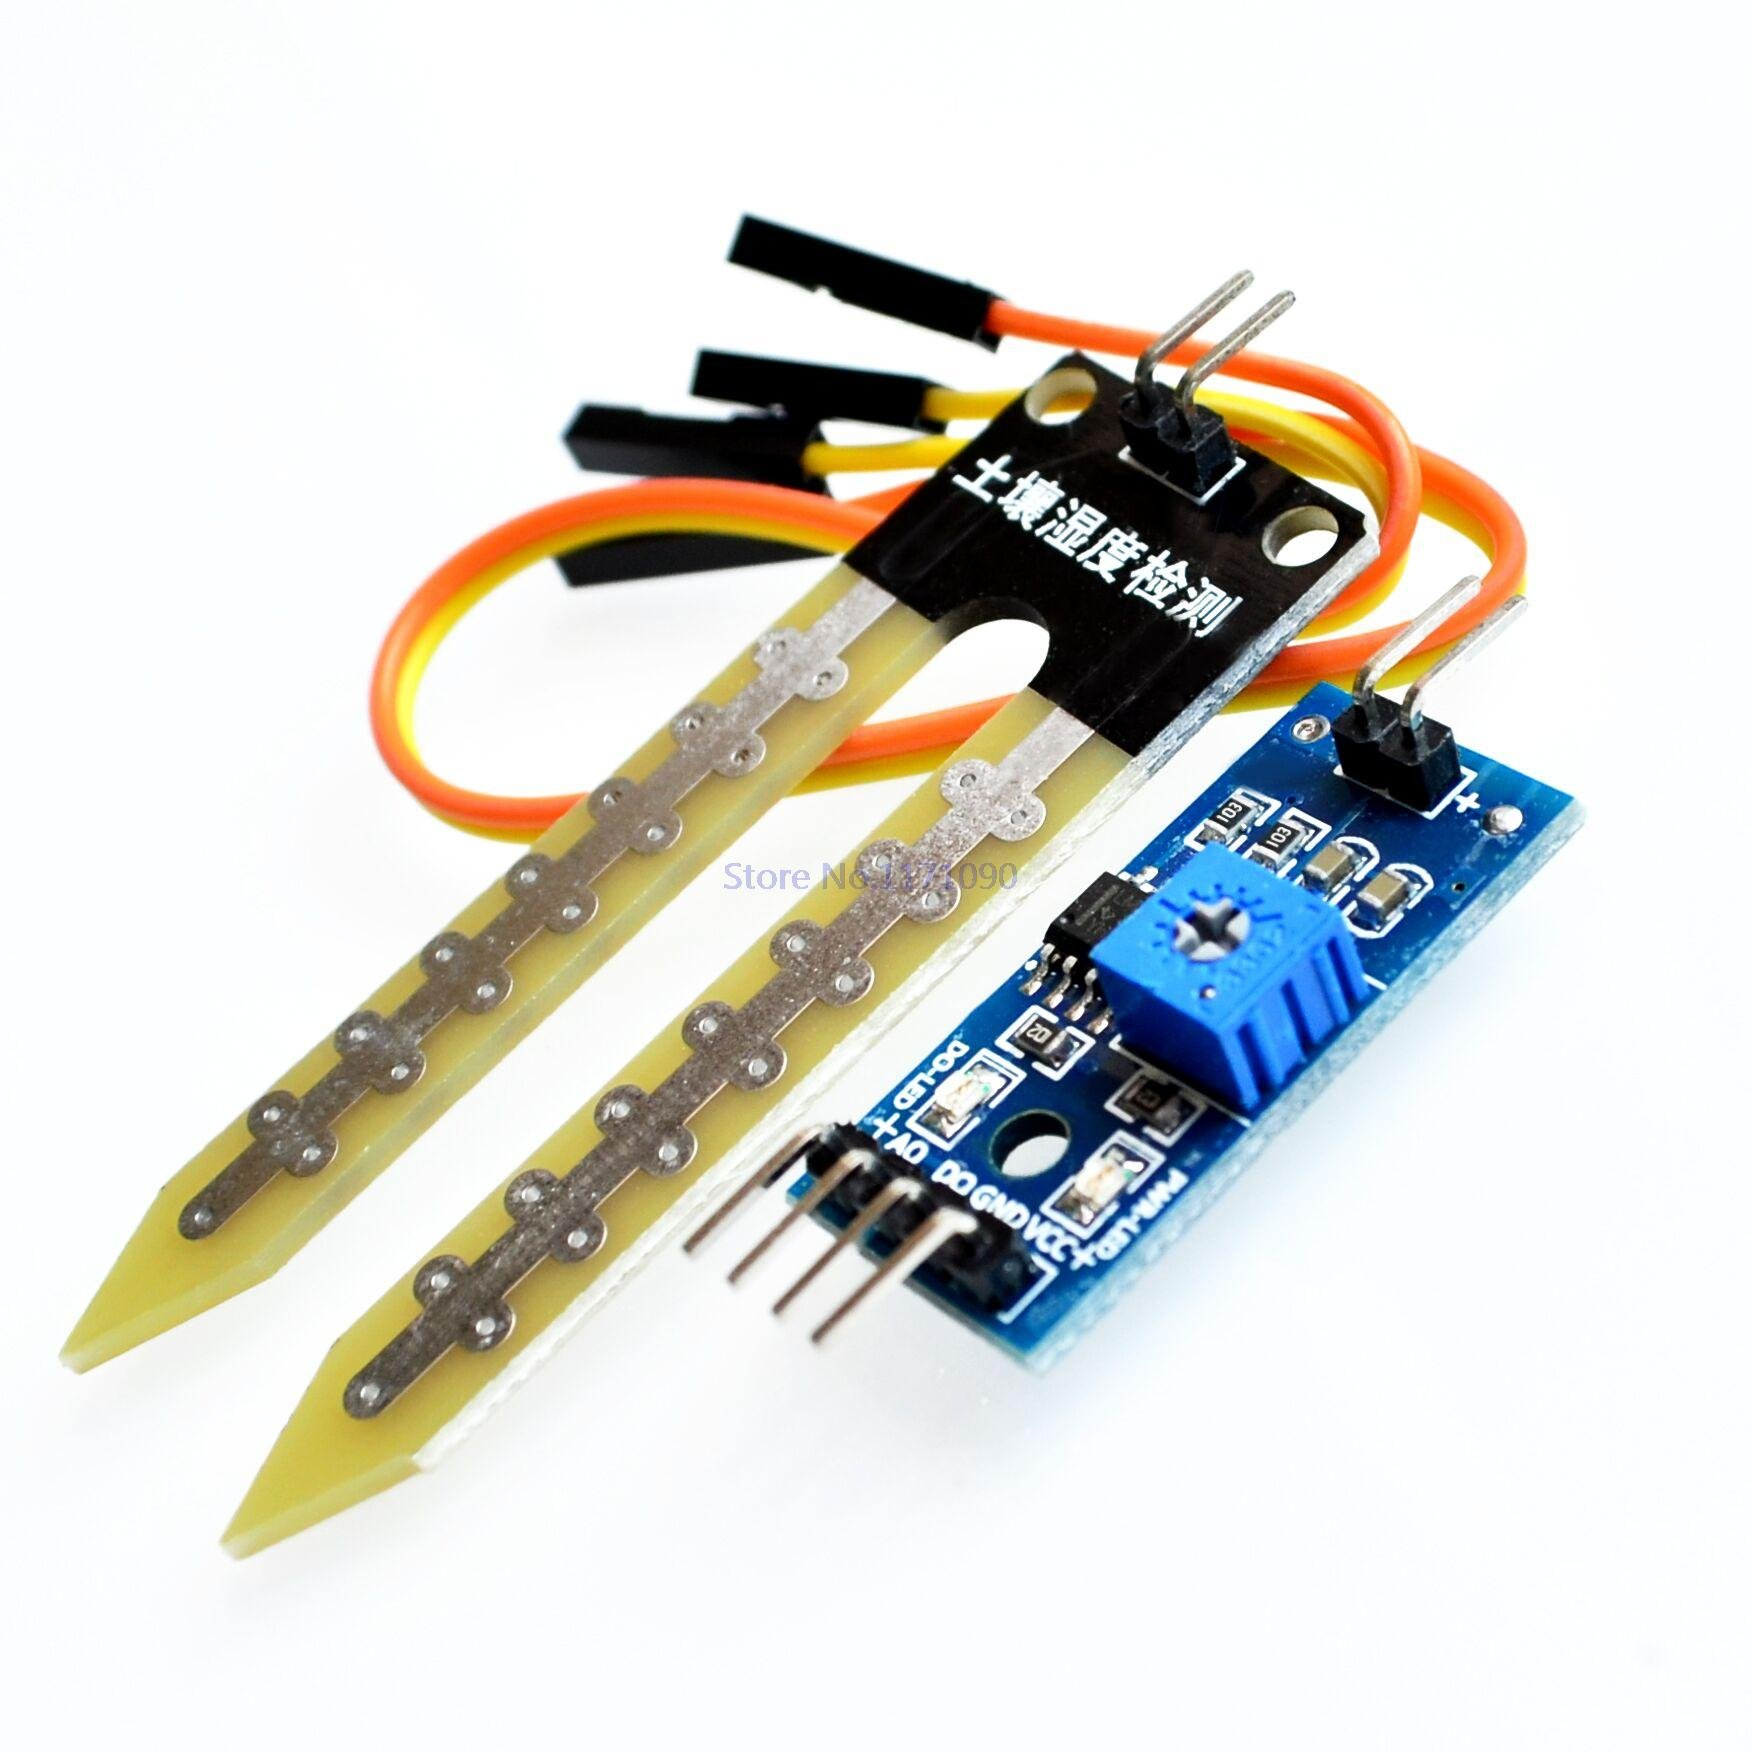 SuperiParts 100PCS/LOT Soil moisture meter testing module, soil humidity sensor